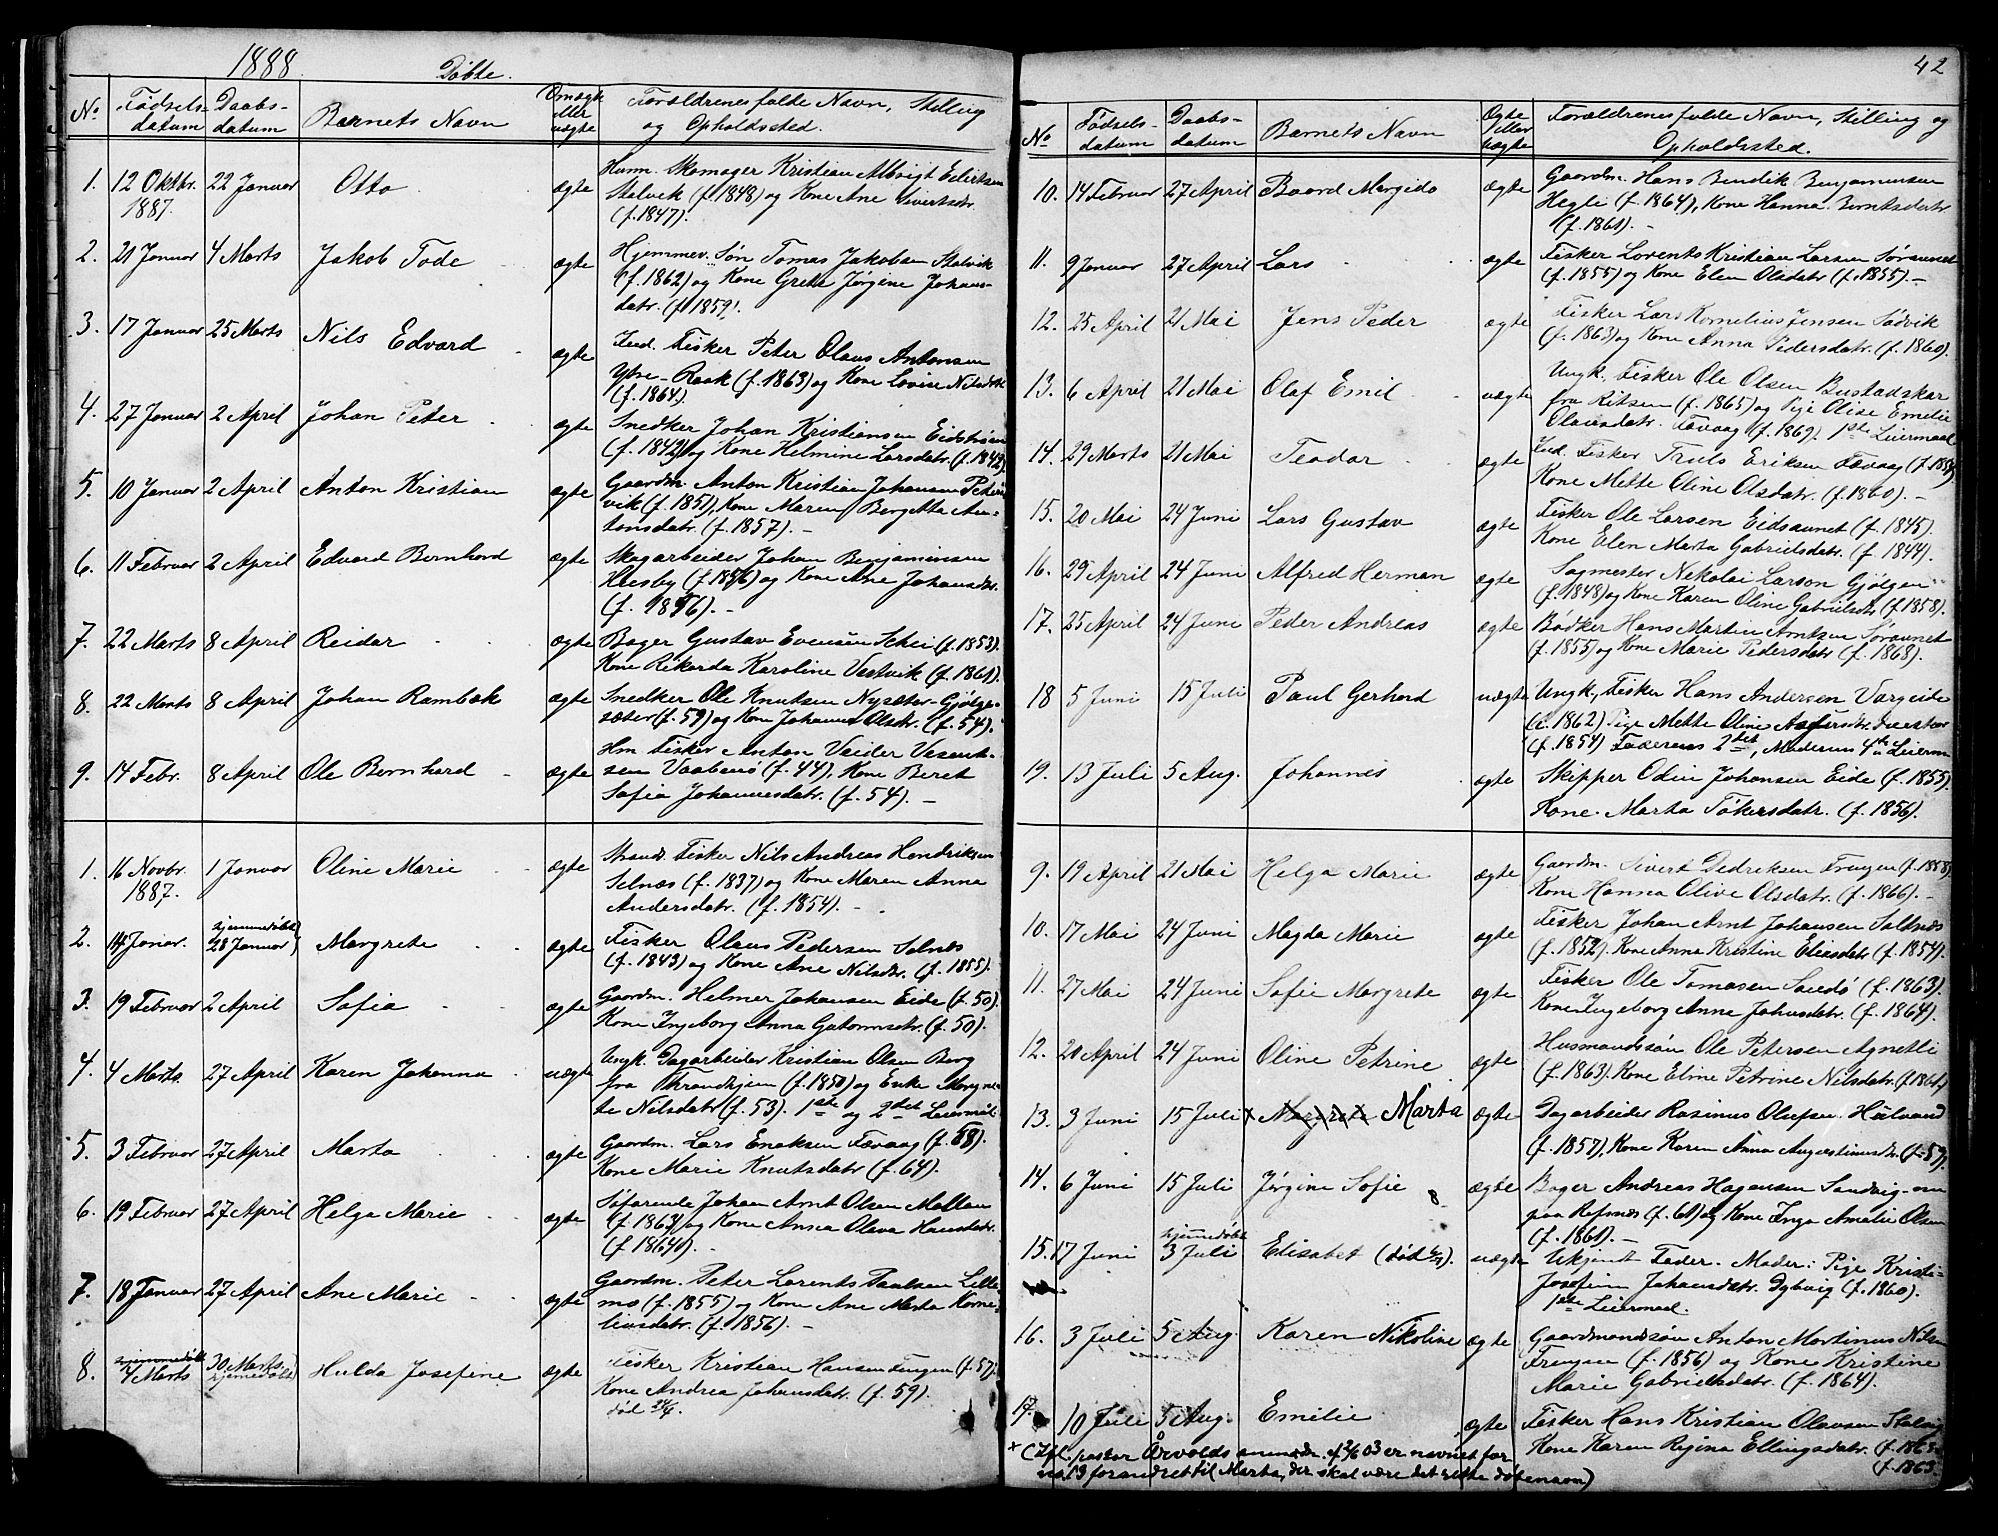 SAT, Ministerialprotokoller, klokkerbøker og fødselsregistre - Sør-Trøndelag, 653/L0657: Klokkerbok nr. 653C01, 1866-1893, s. 42